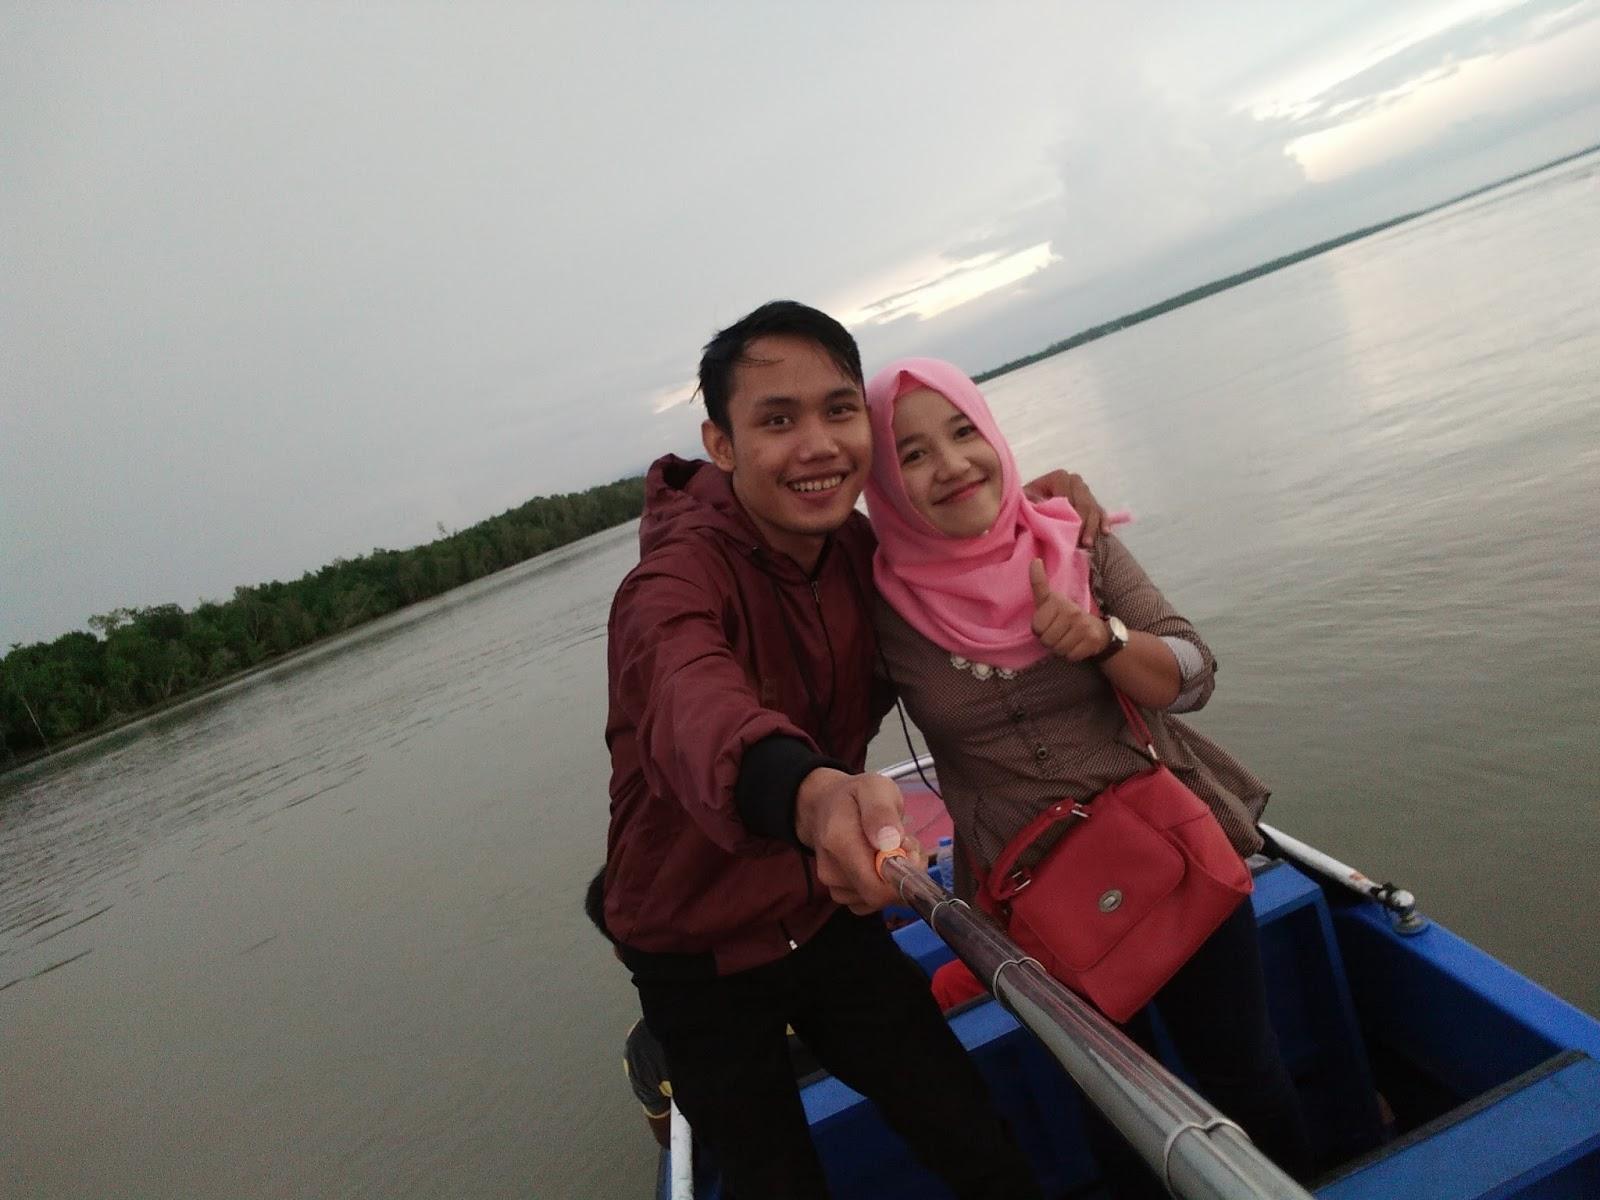 Igallery Sambas 6 Tempat Wisata Di Paloh Kalimantan Barat Ini Bisa Membuat Liburan Anda Memuaskan